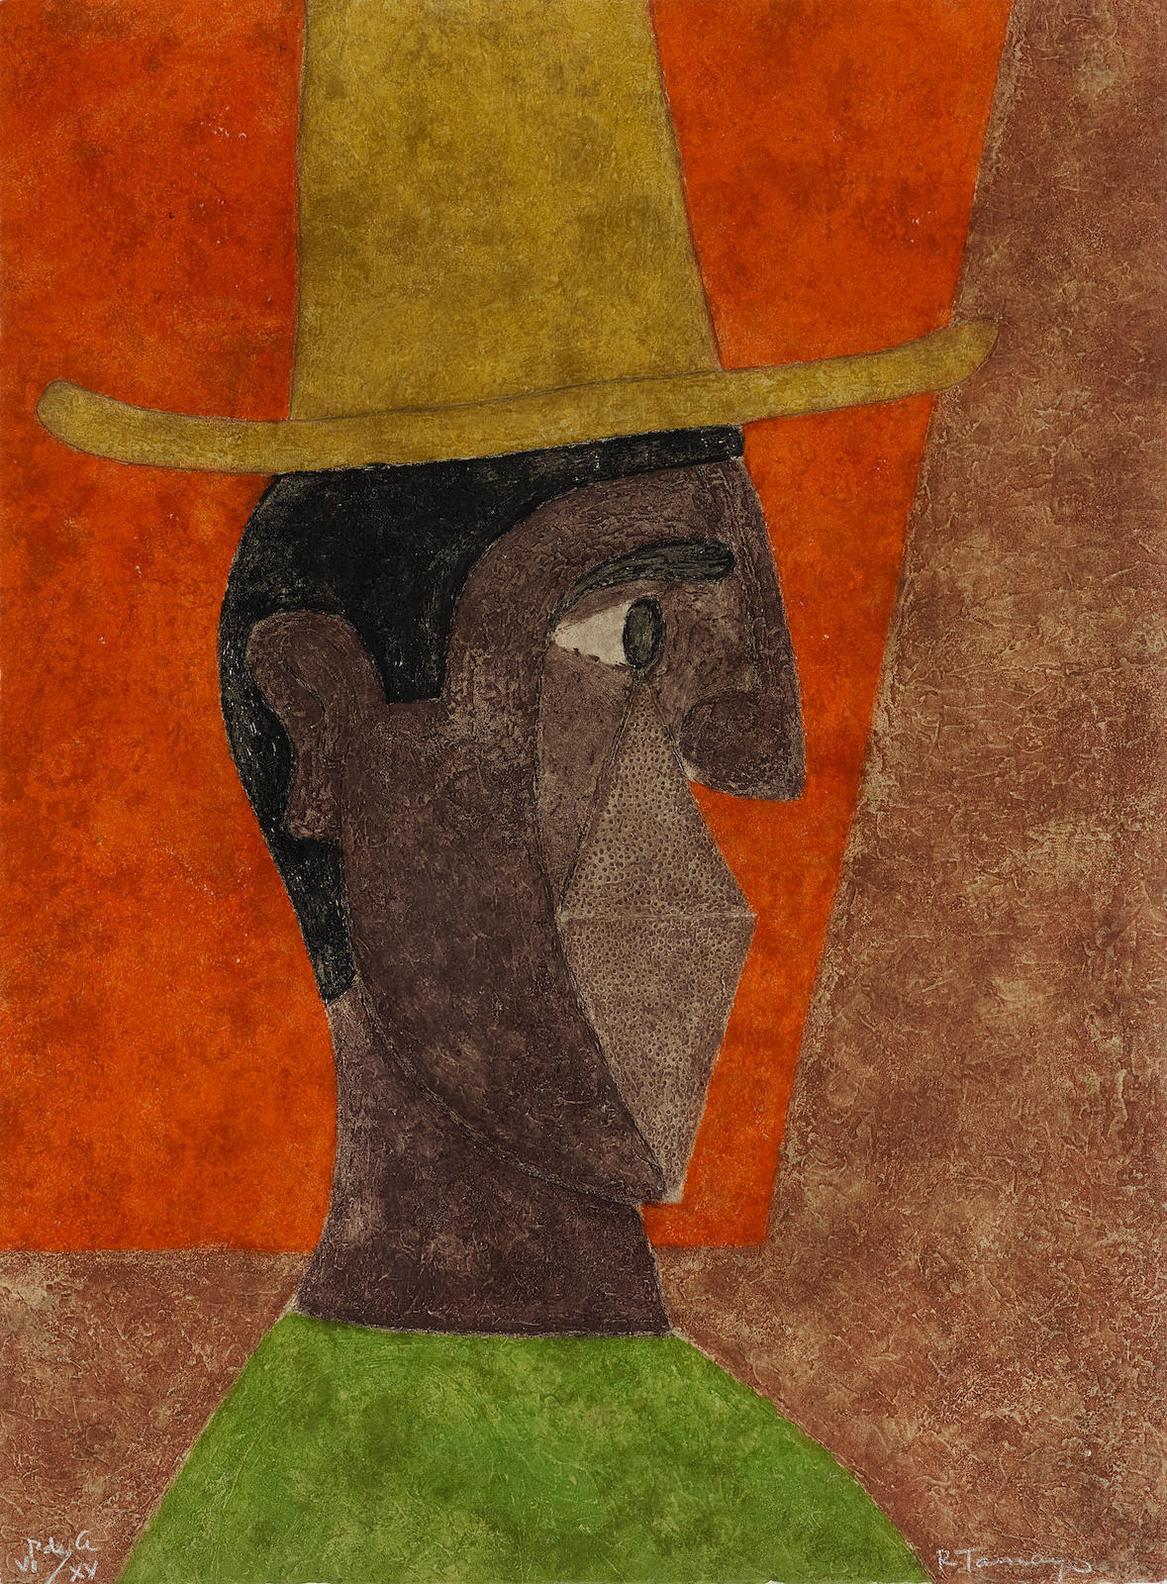 Rufino Tamayo-Cabeza Con Sombrero (Head With Hat)-1980